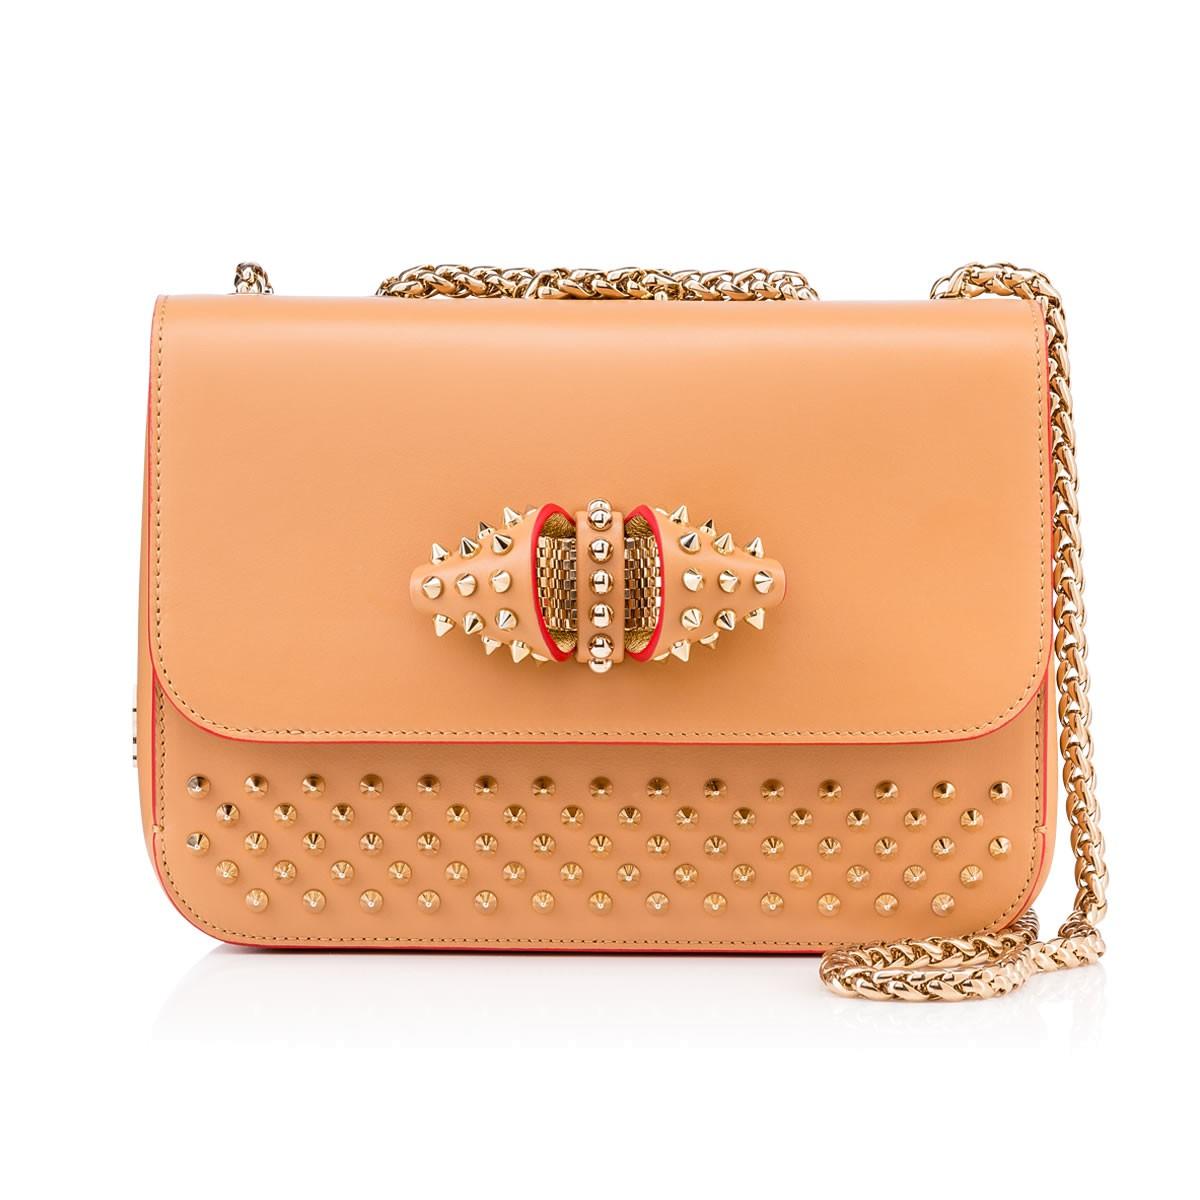 2d488bd847e Christian Louboutin Sweet Charity Studded Calfskin Shoulder Bag ...